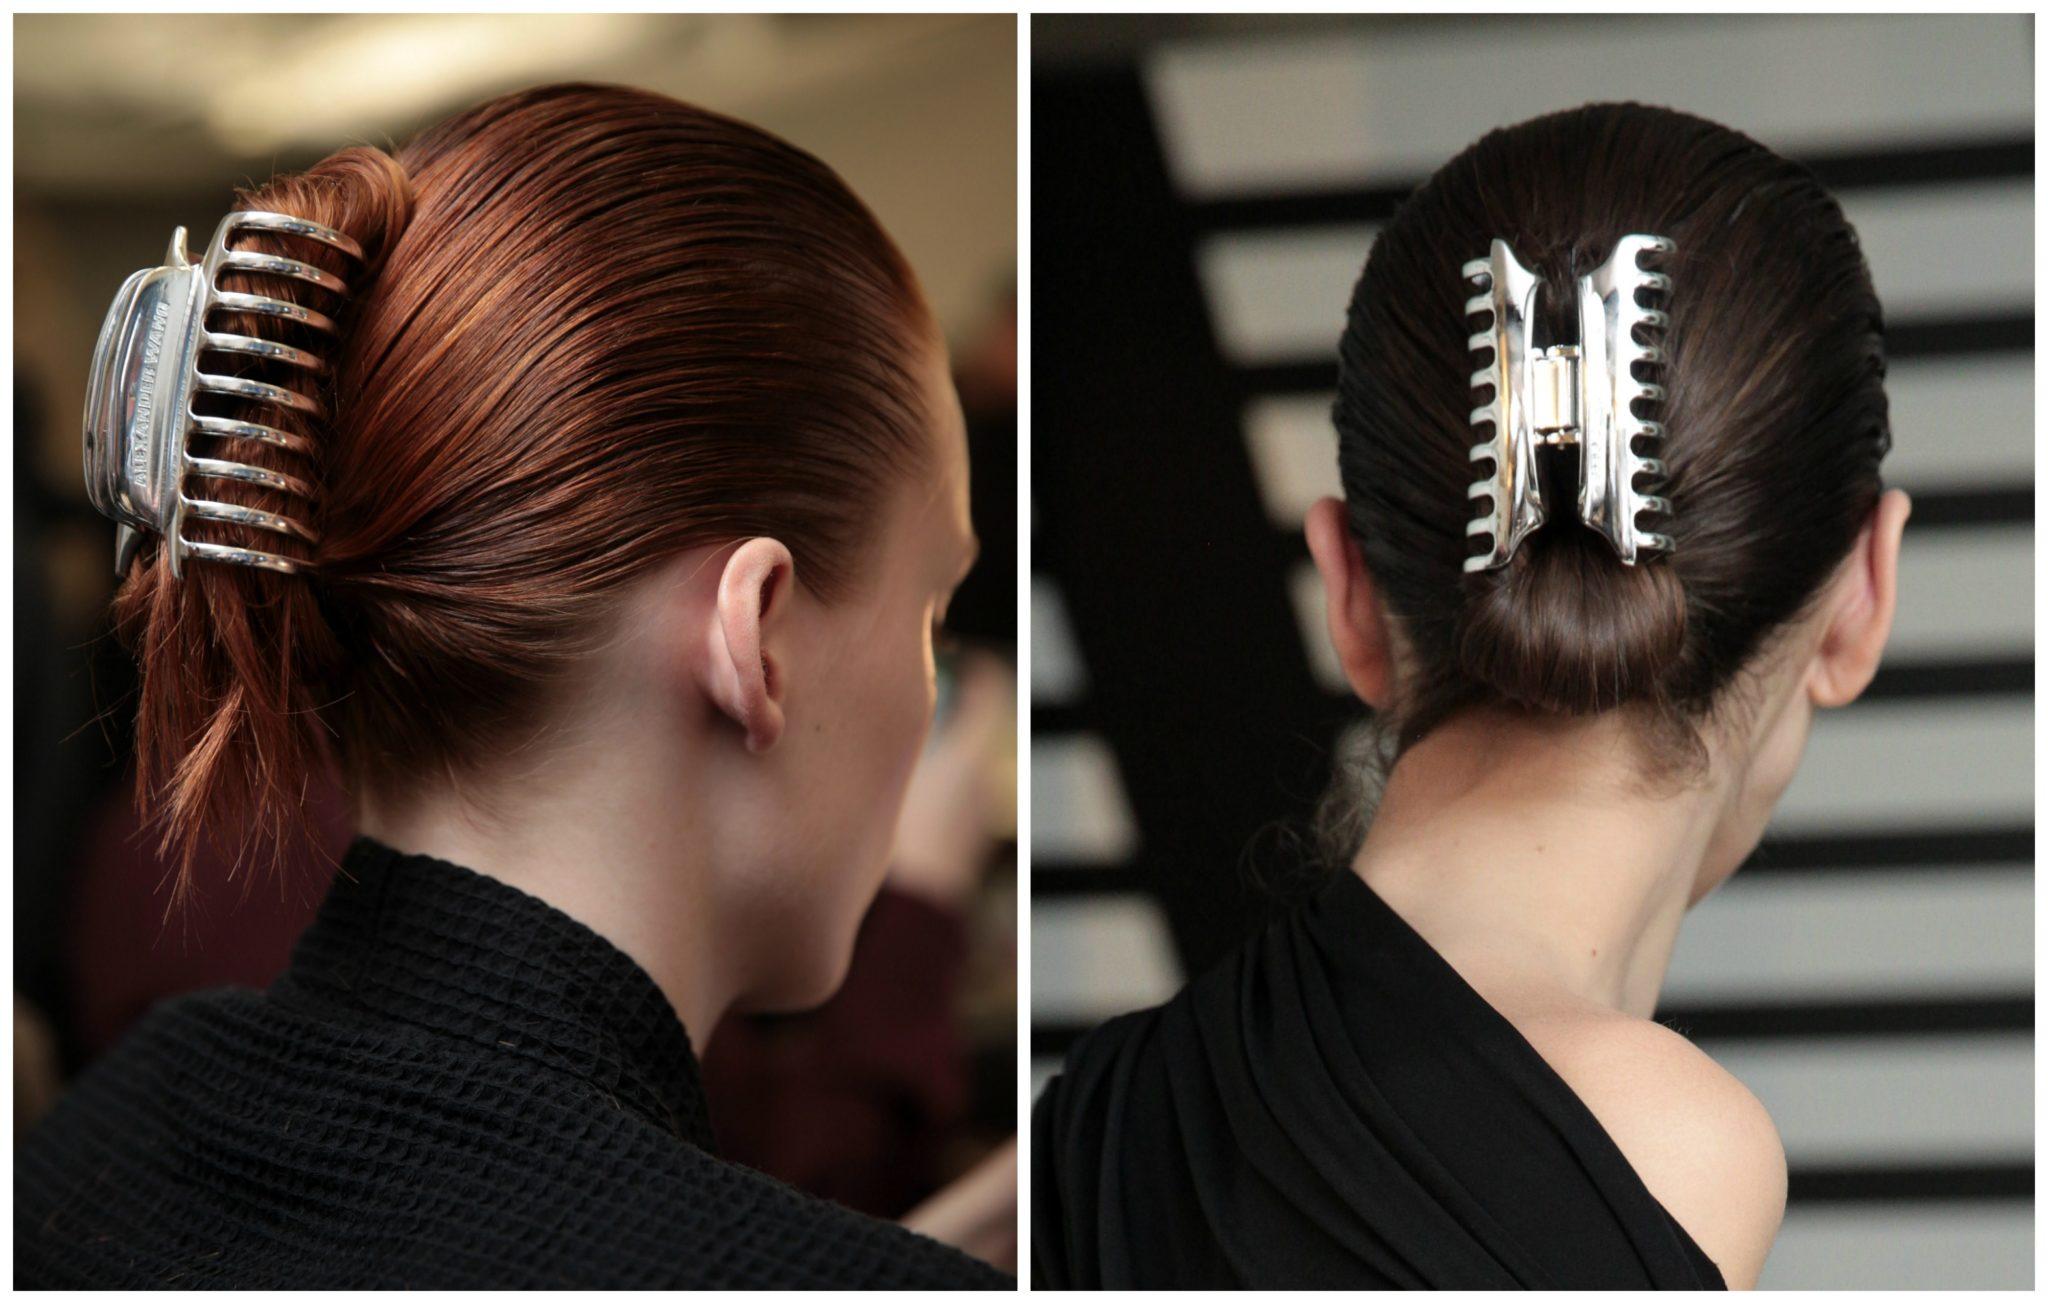 klämmor till håret